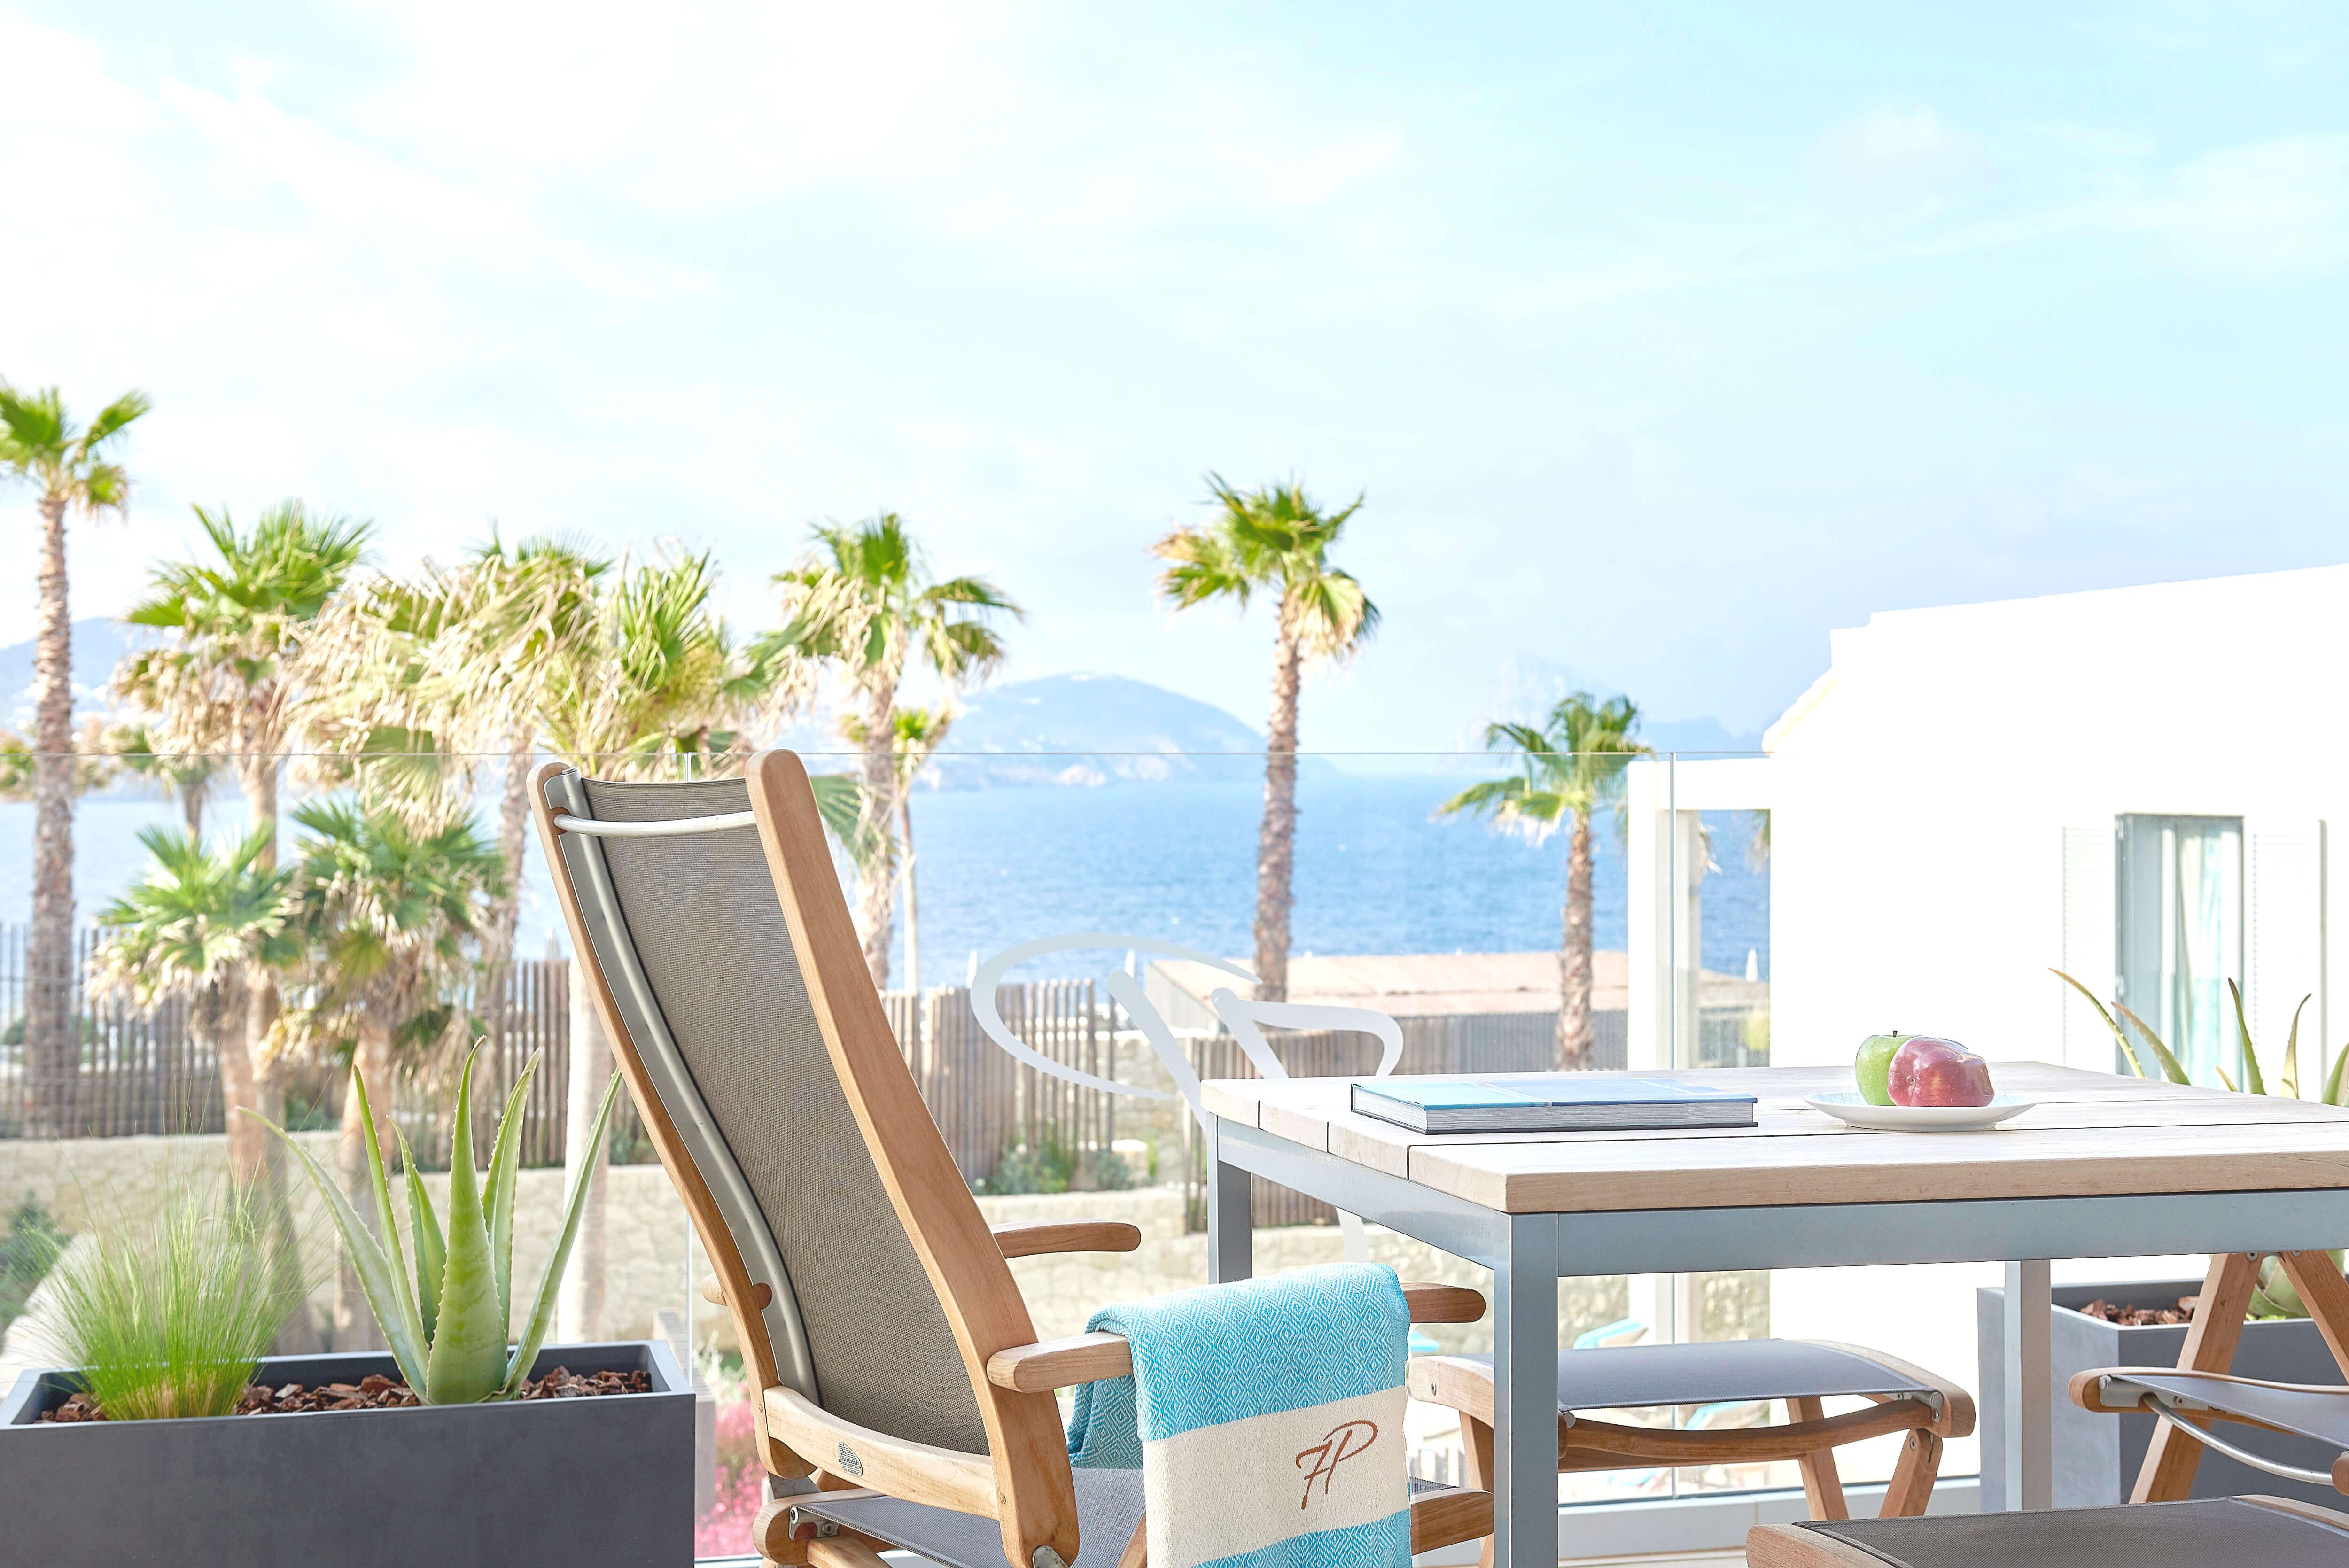 7KIBZ1_Resort-Suite-Sea-View_3_H